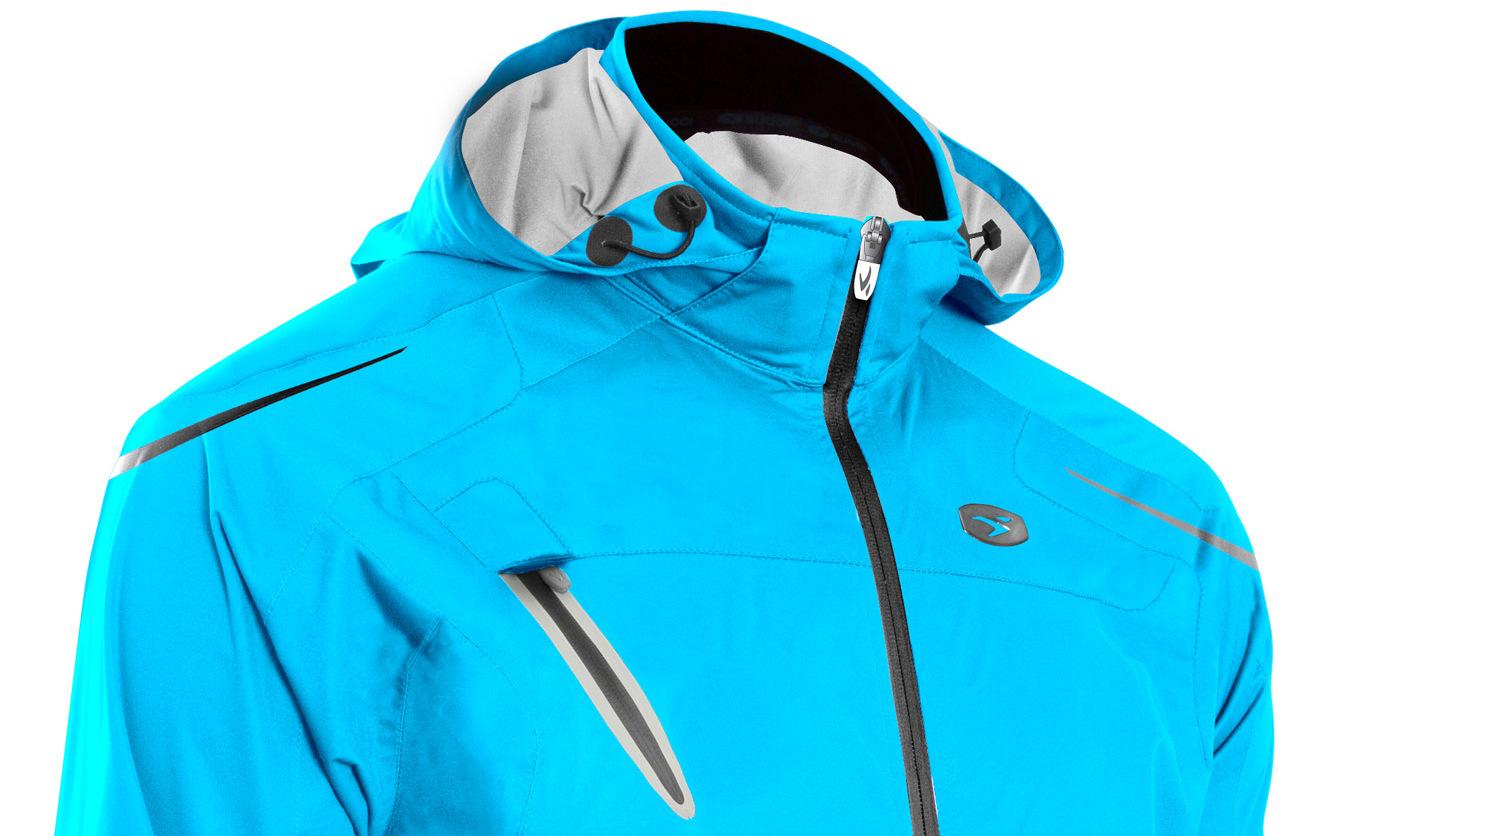 Sugoi og Polartec lancerer vinterkollektion specifik til de nordiske sportsgrene